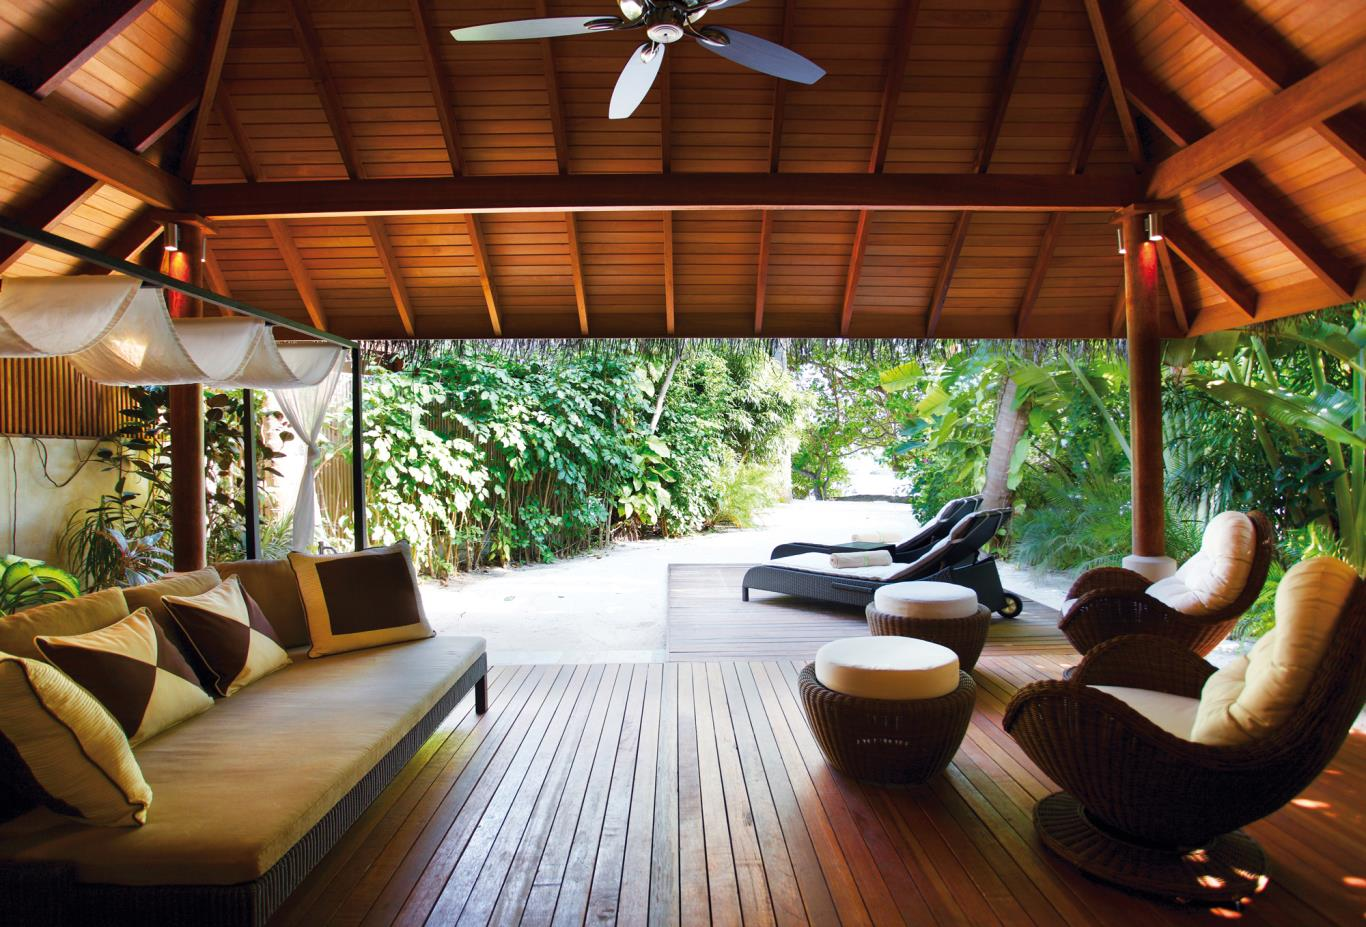 Baros Residence Deck